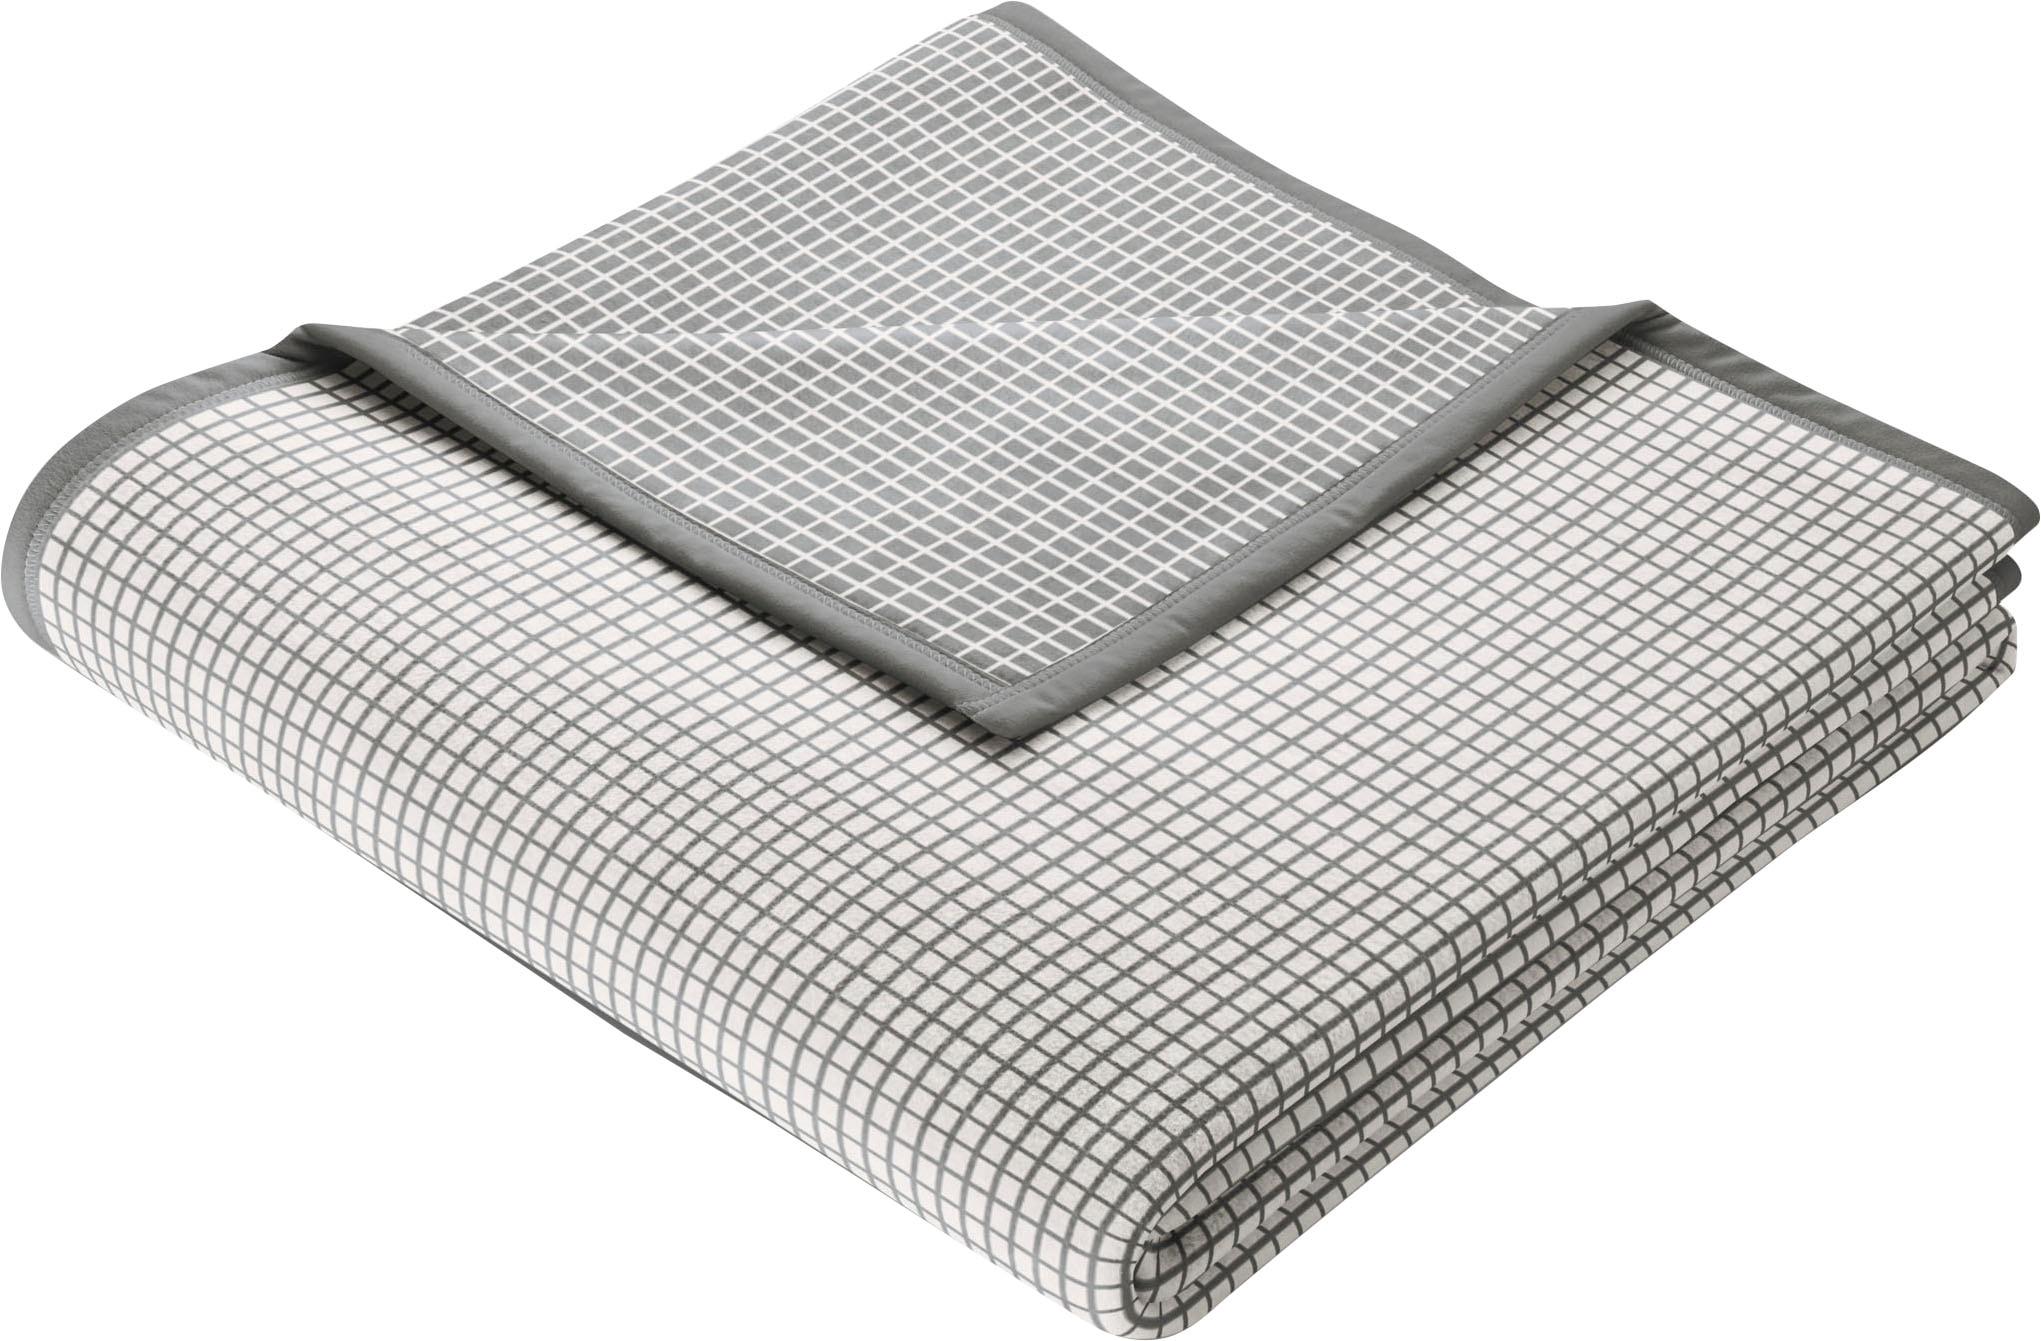 BIEDERLACK Wohndecke New Cotton, leichte Webdecke grau Baumwolldecken Decken